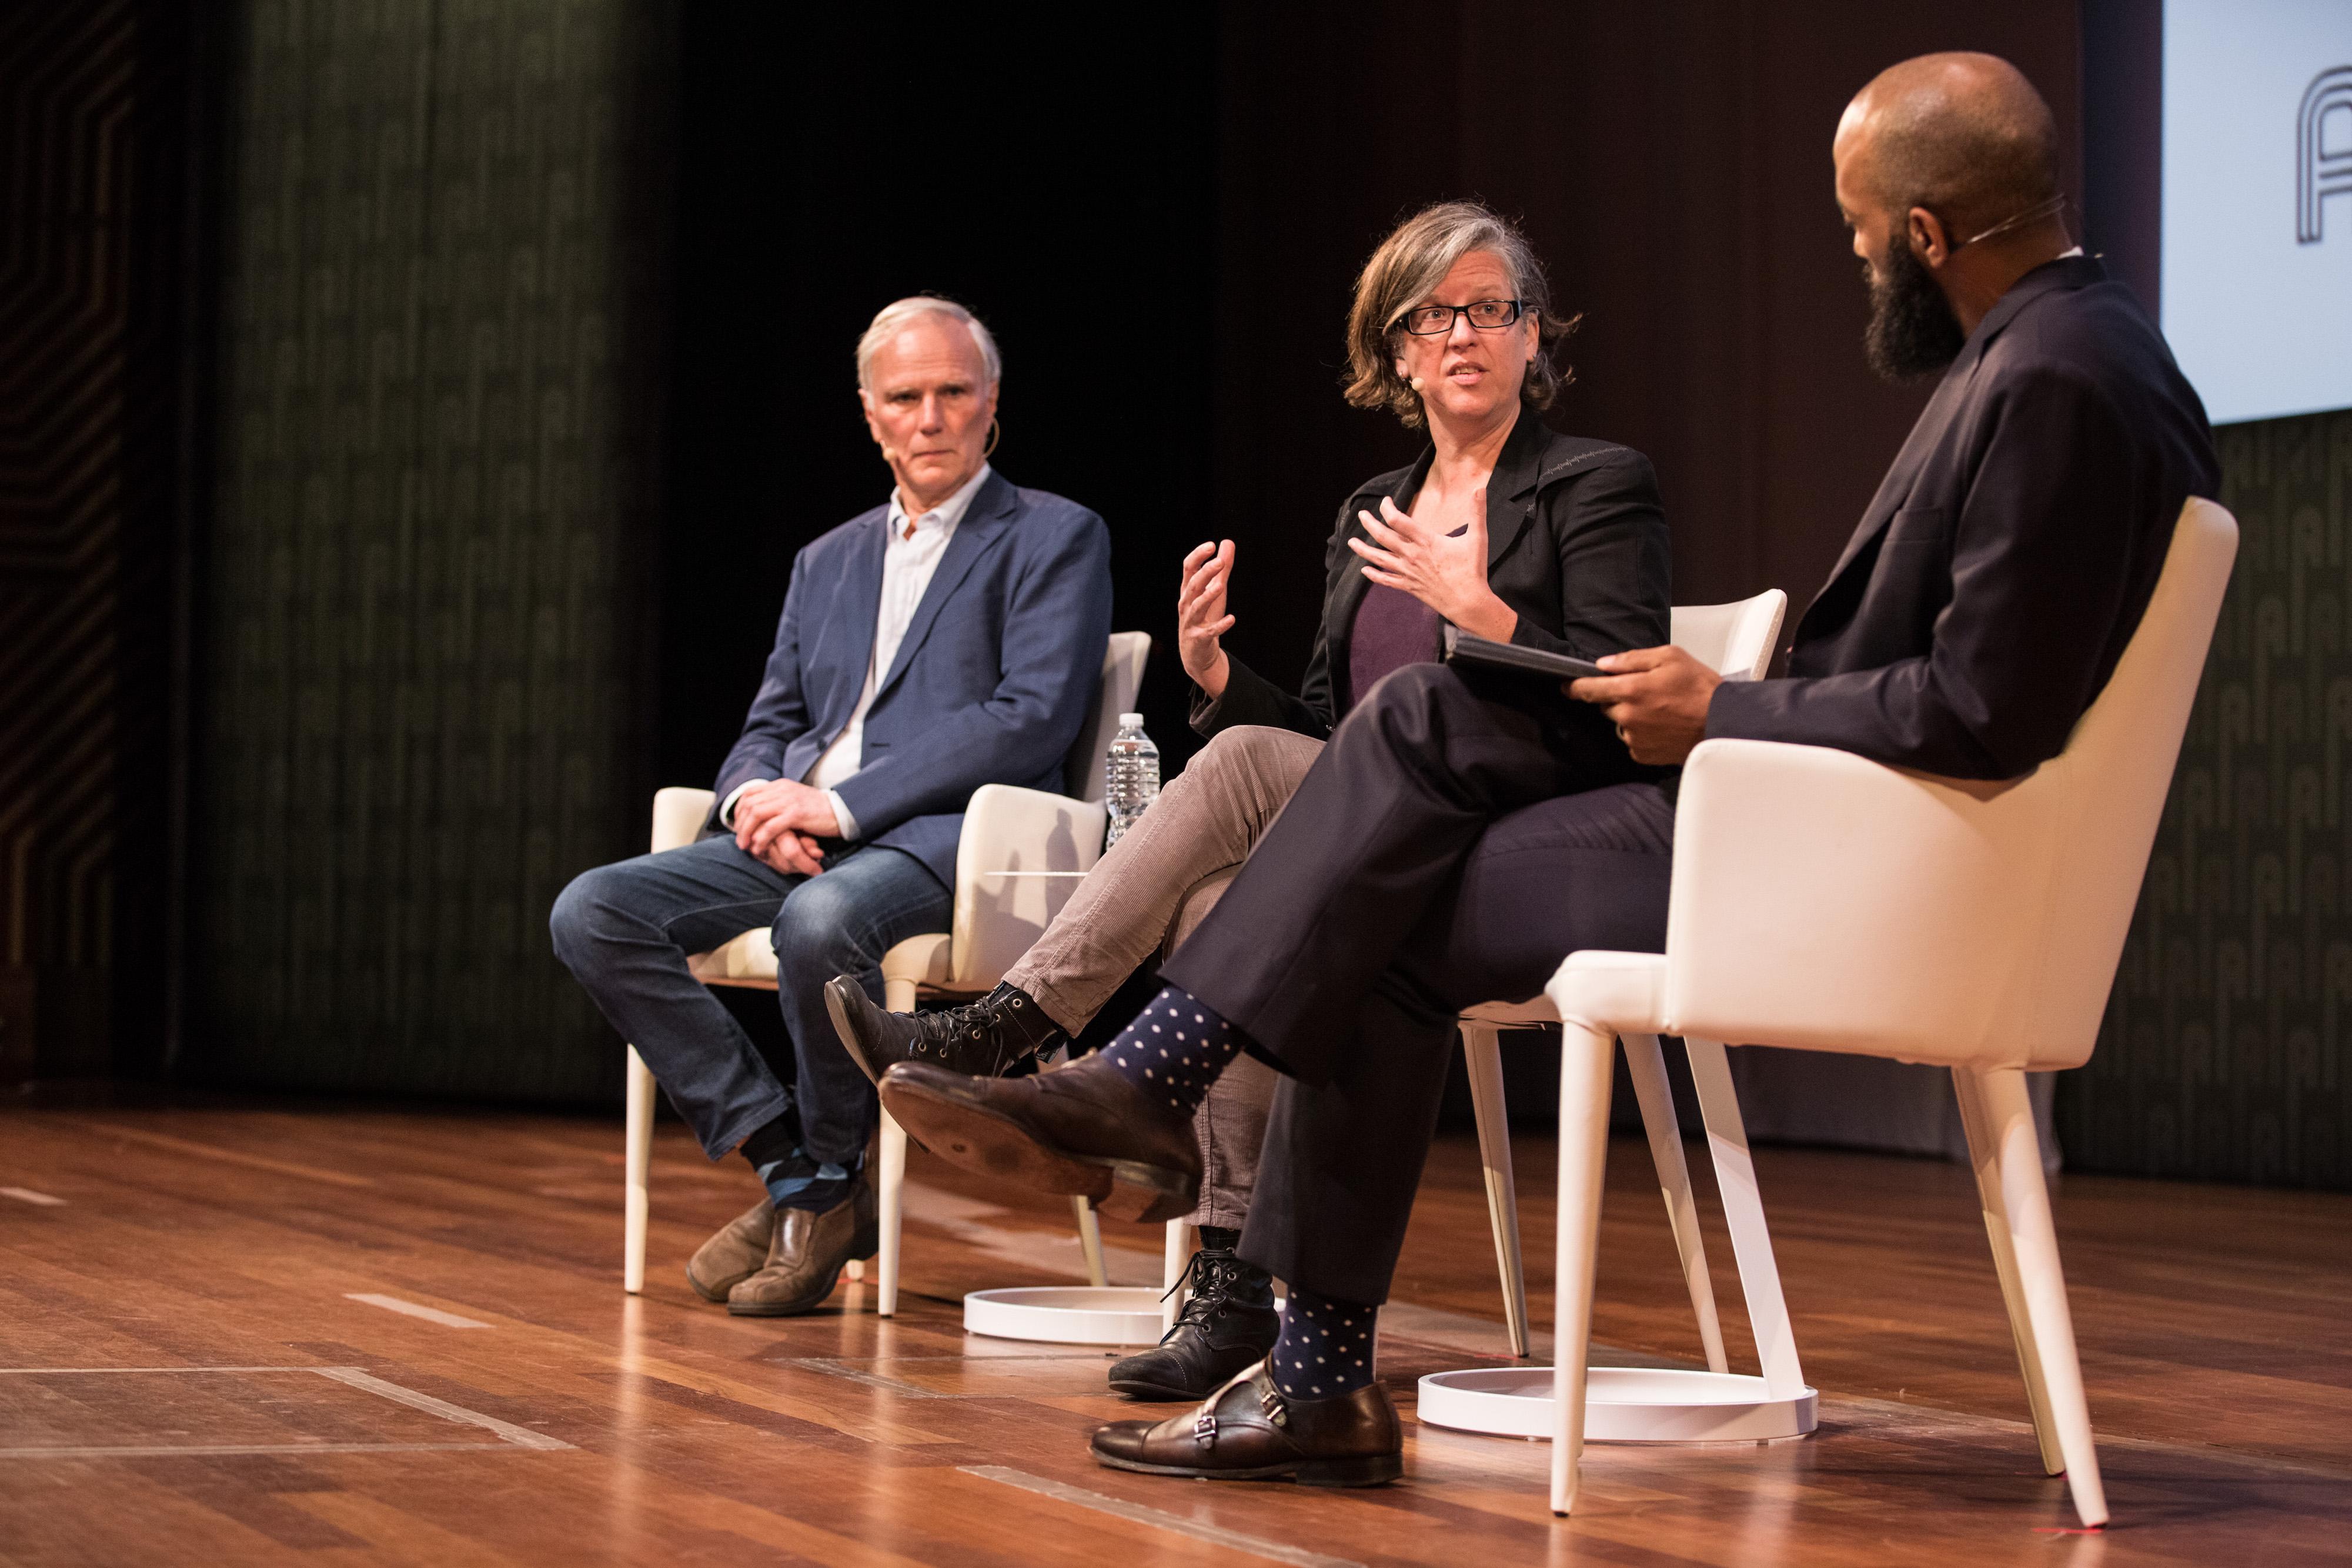 Philip Alston (Facultad de Derecho de la NYU), Virginia Eubanks (Universidad de Albany, SUNY), y Vincent Southerland (Centro sobre Raza, Desigualdad y Derecho de la NYU) en el escenario del simposio.